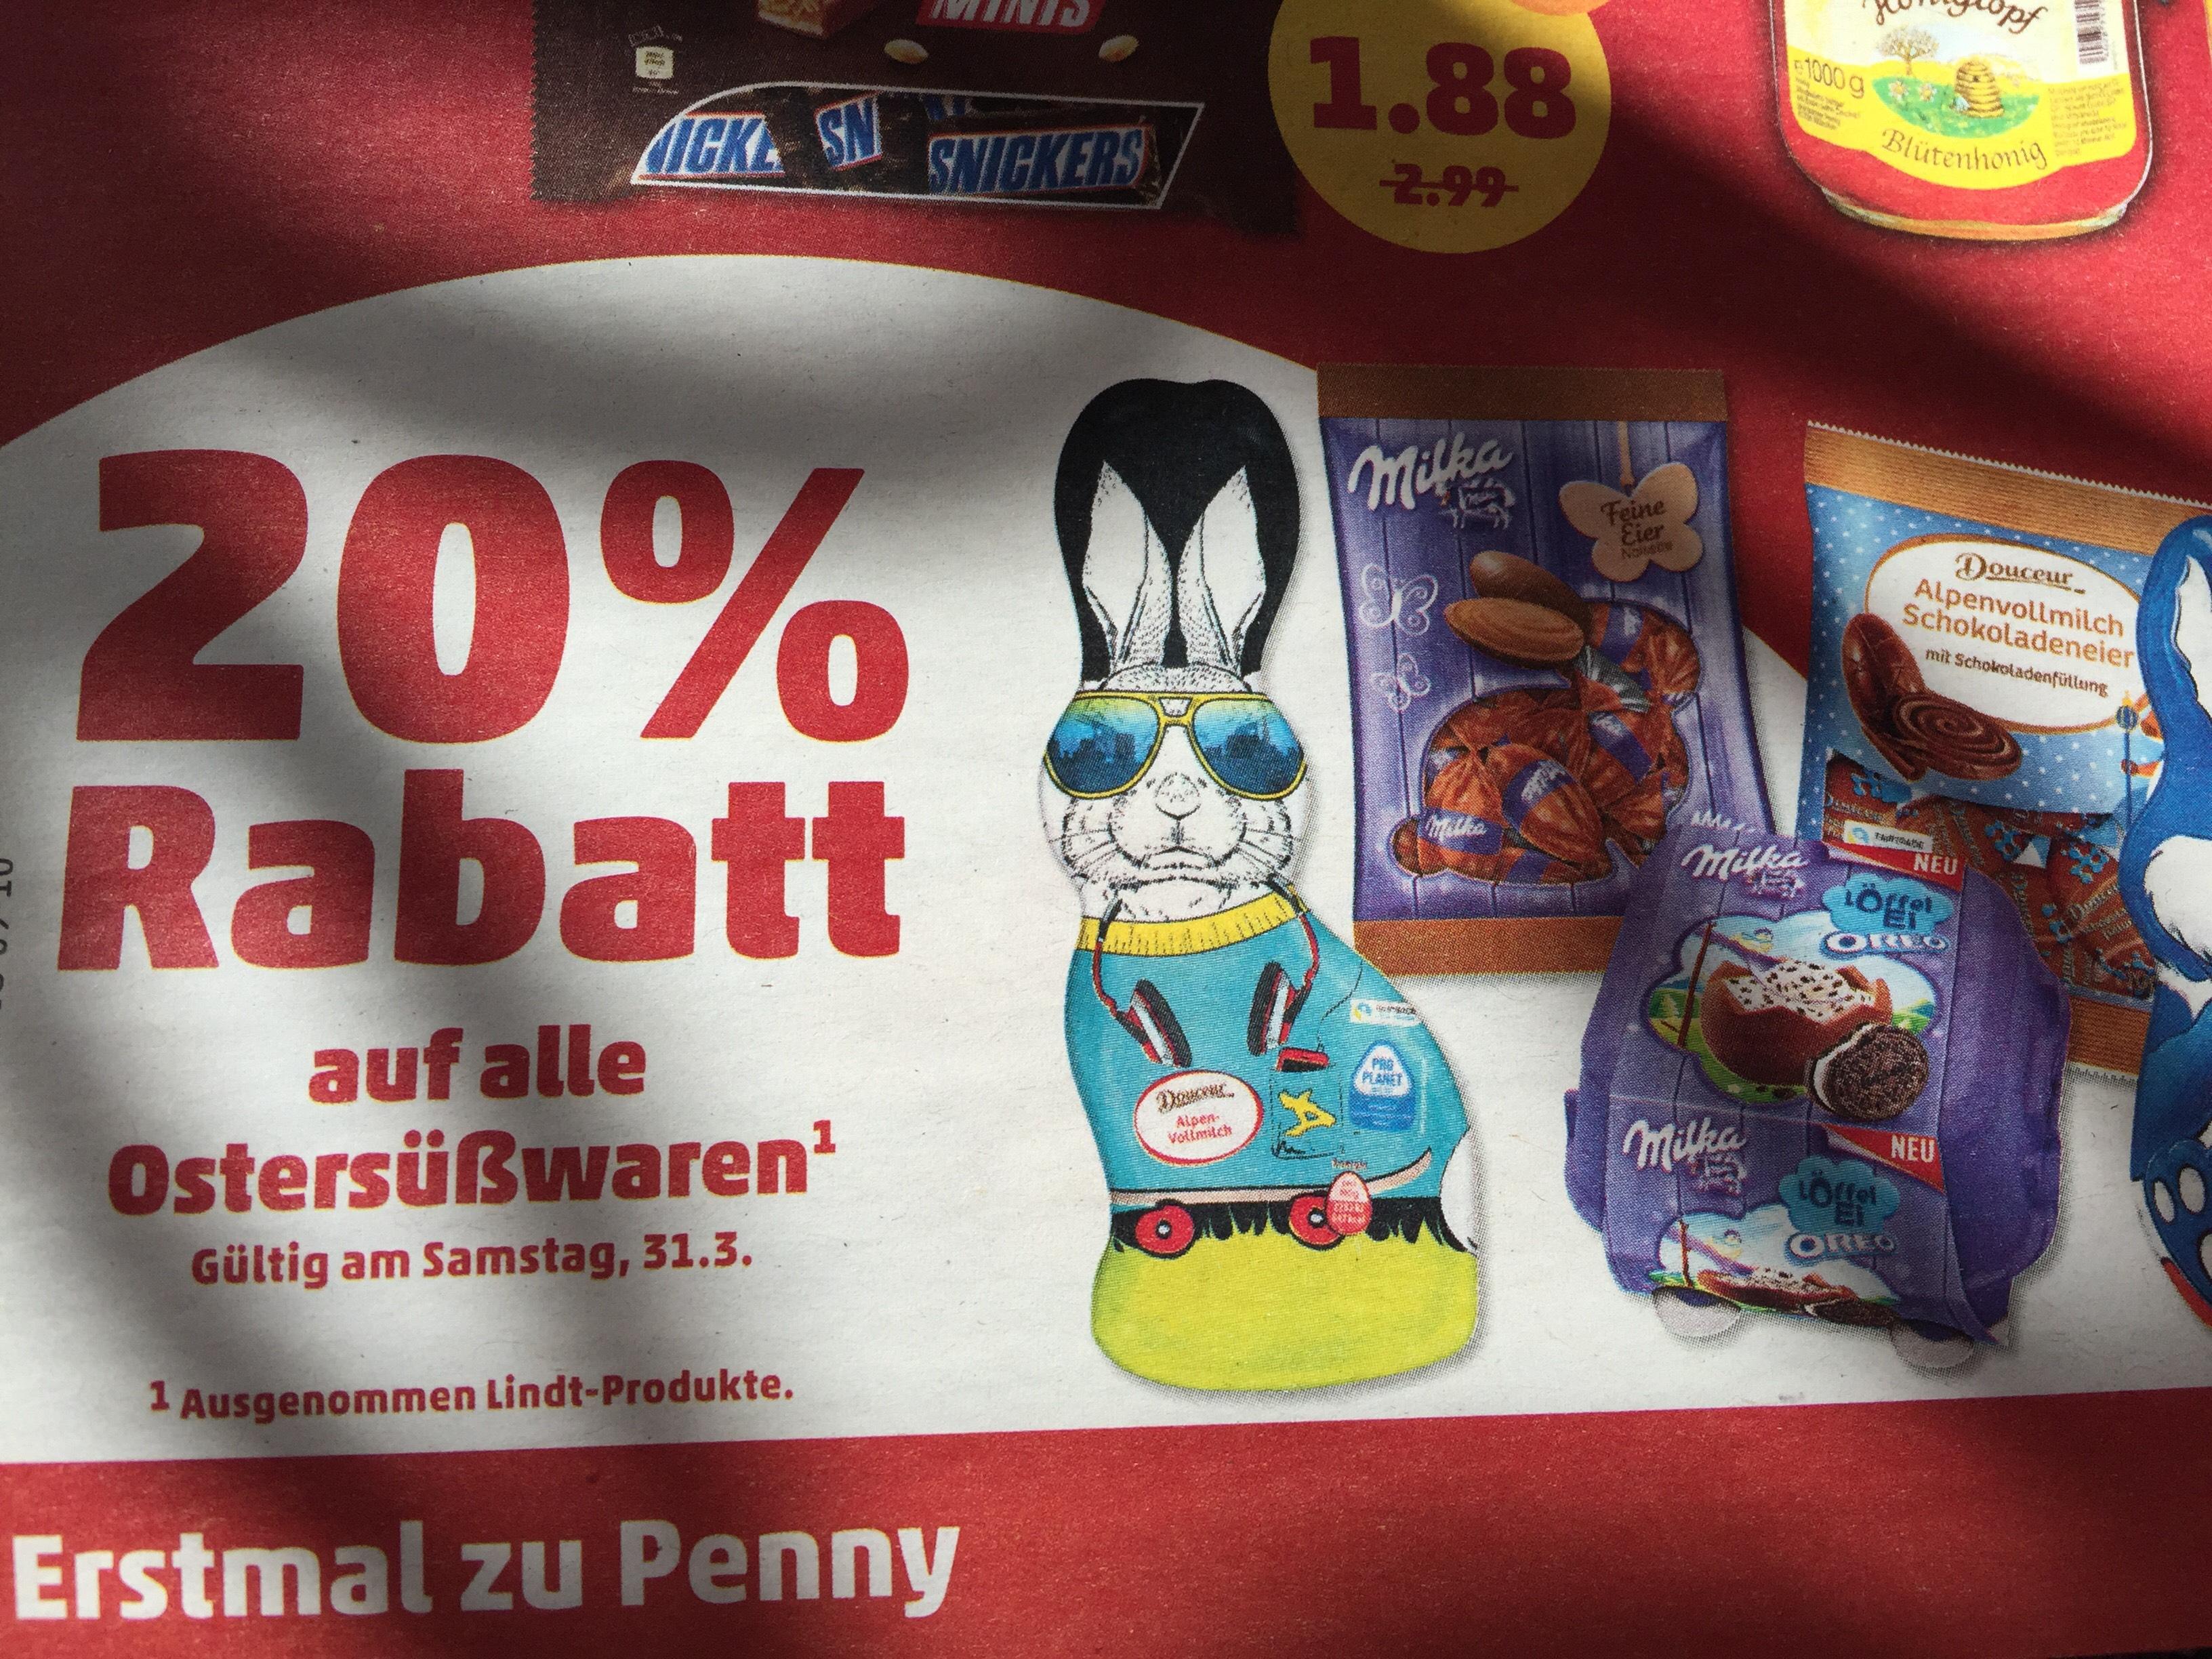 [Penny] 20% Rabatt auf alle Ostersüsswaren